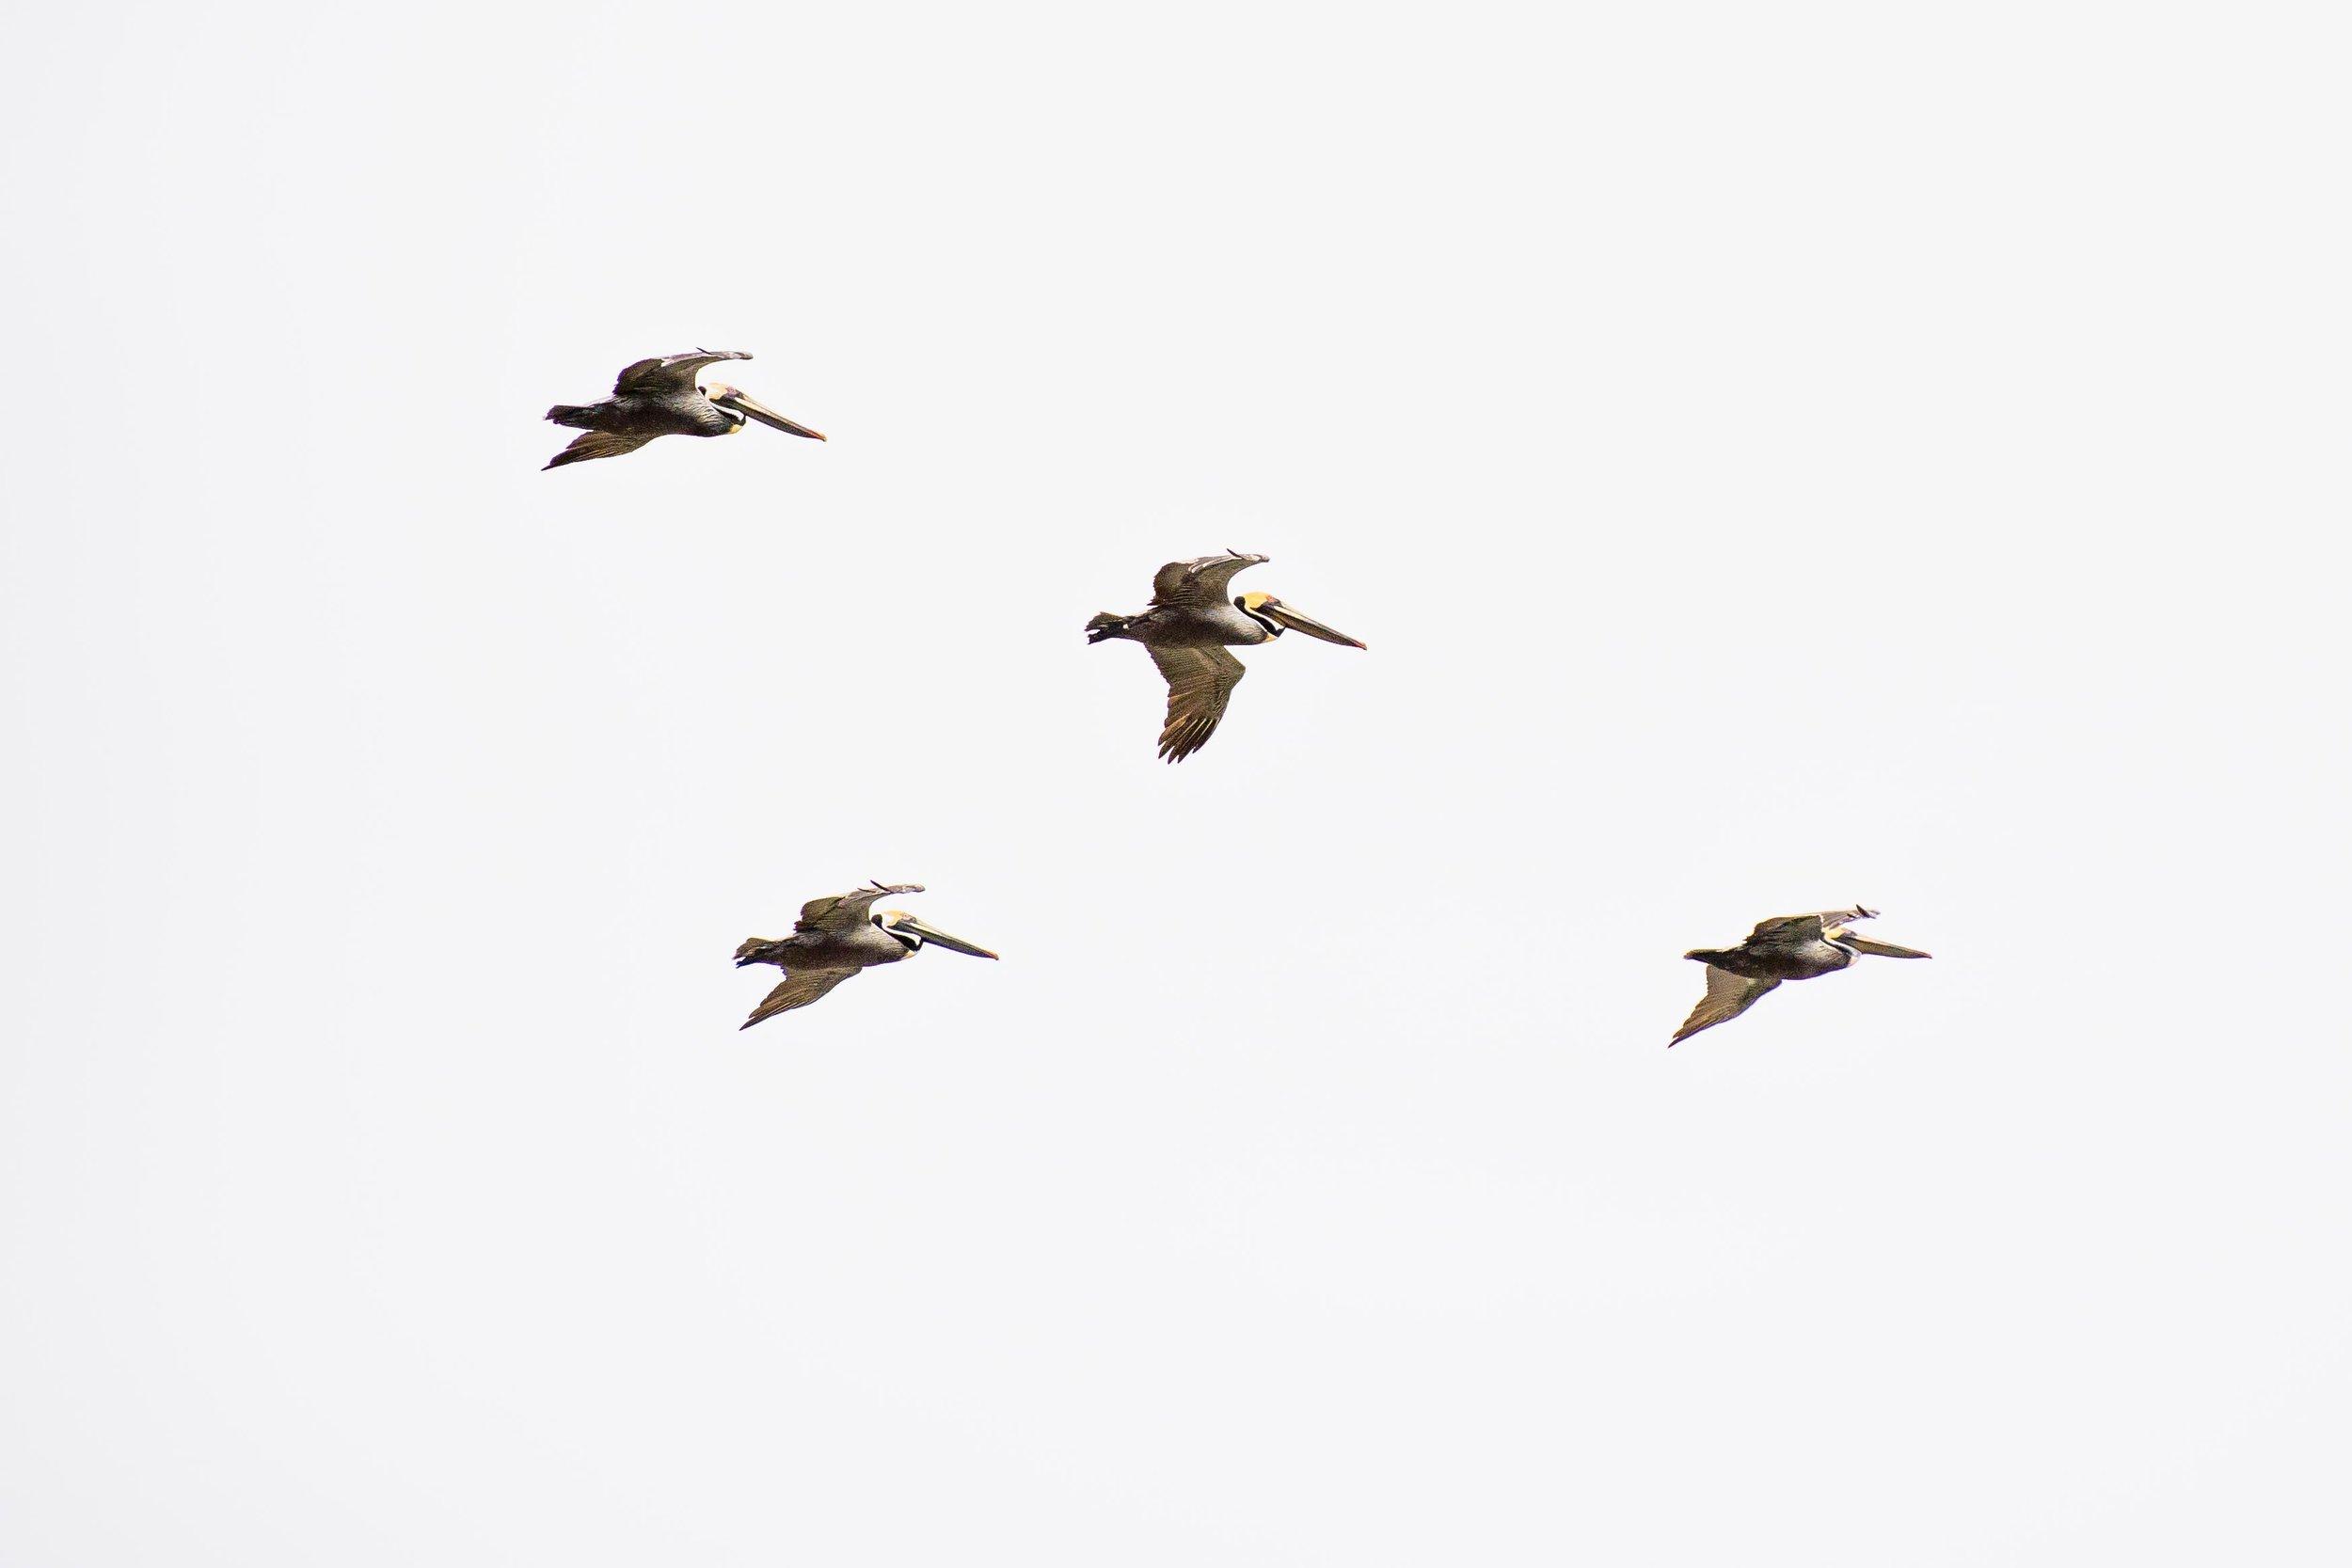 Pelicans in flight.